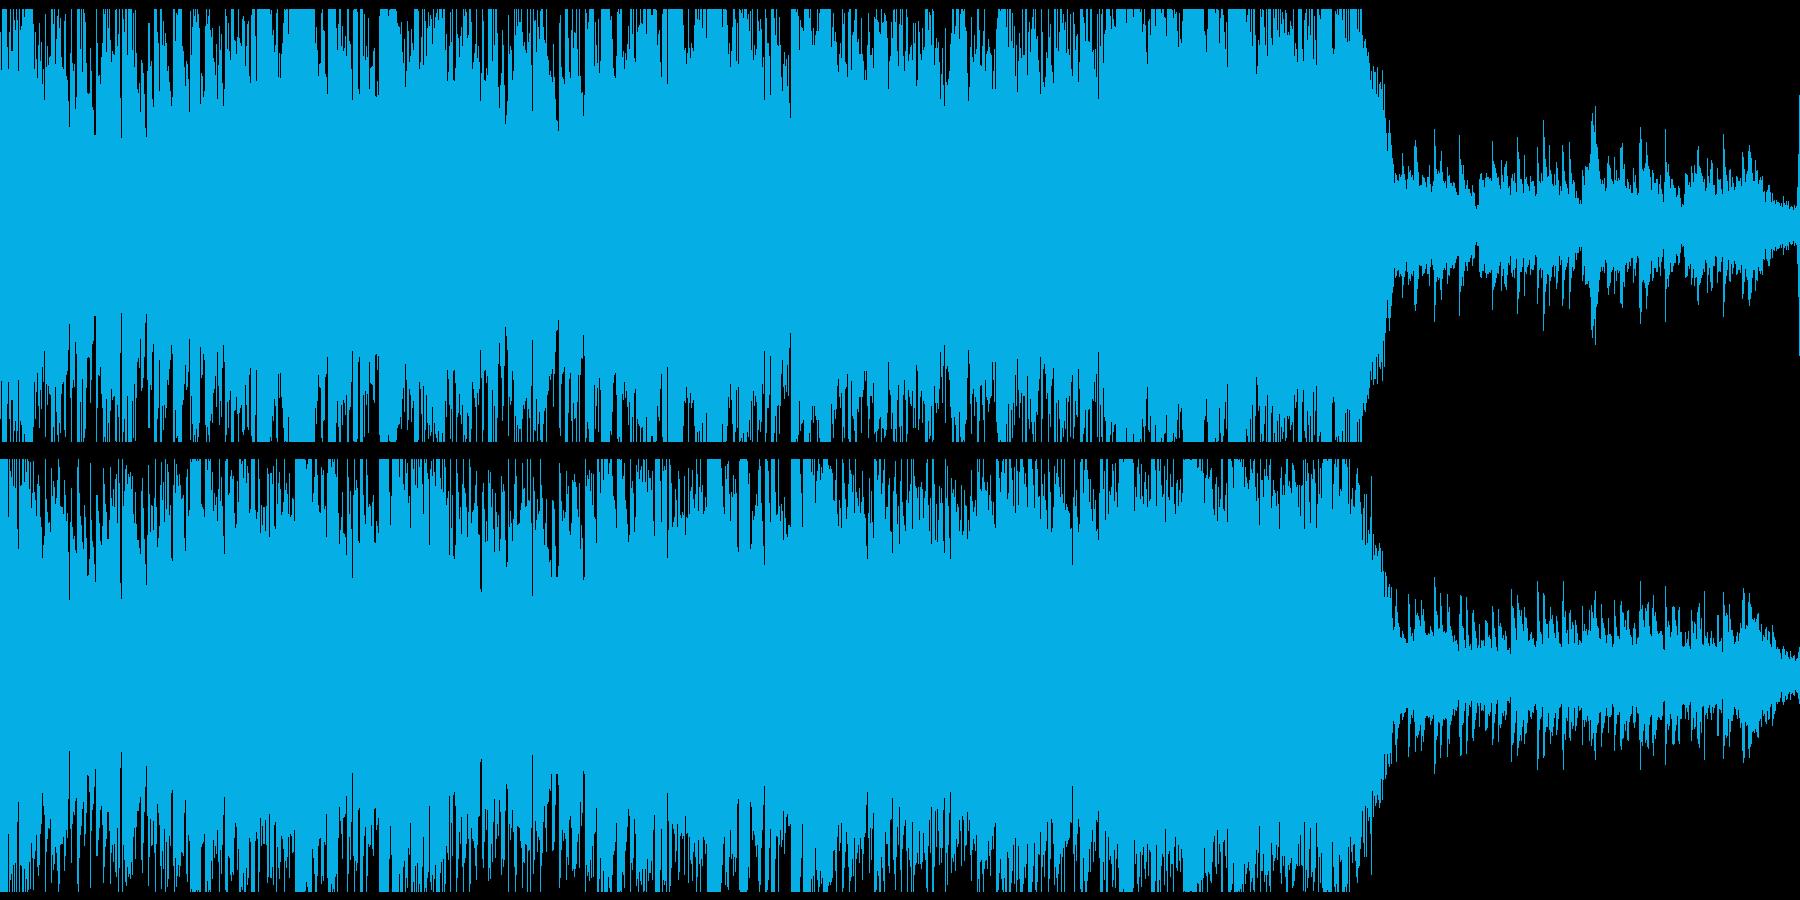 優雅でゆったりとした和風曲(ループ)の再生済みの波形